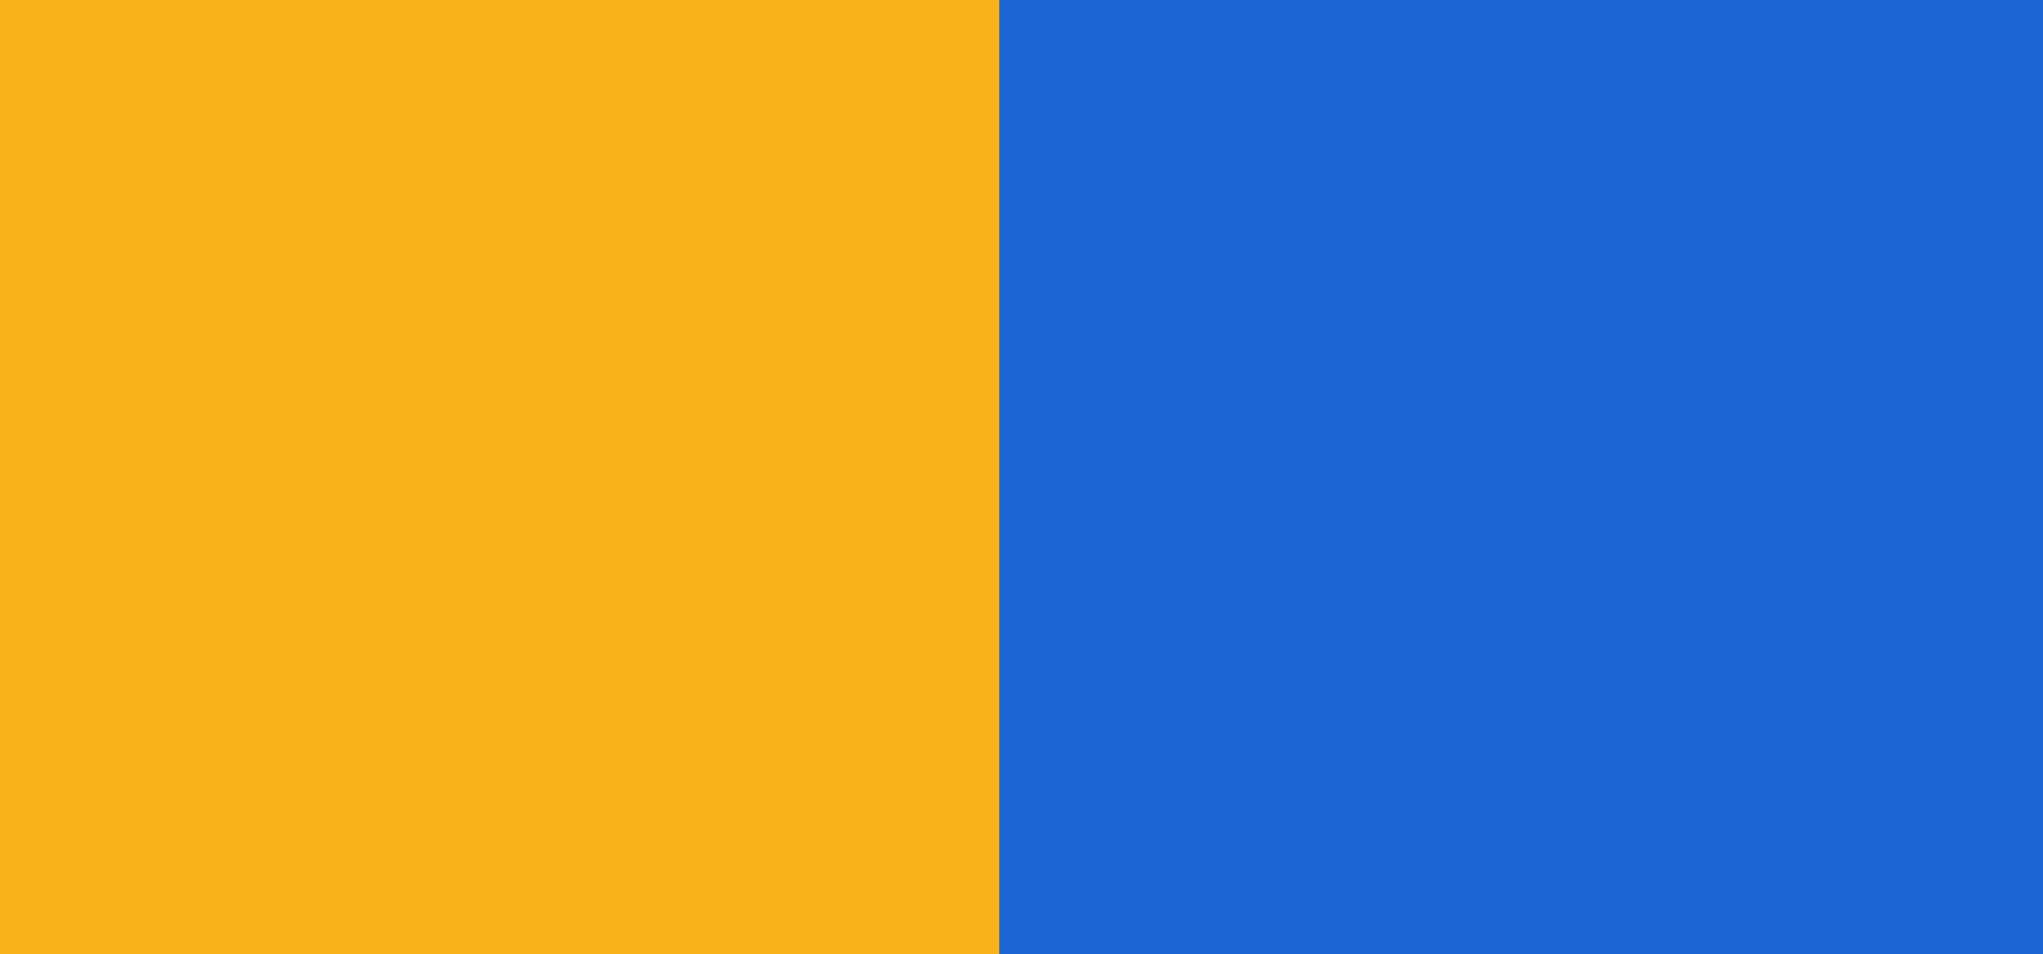 bleu / orange